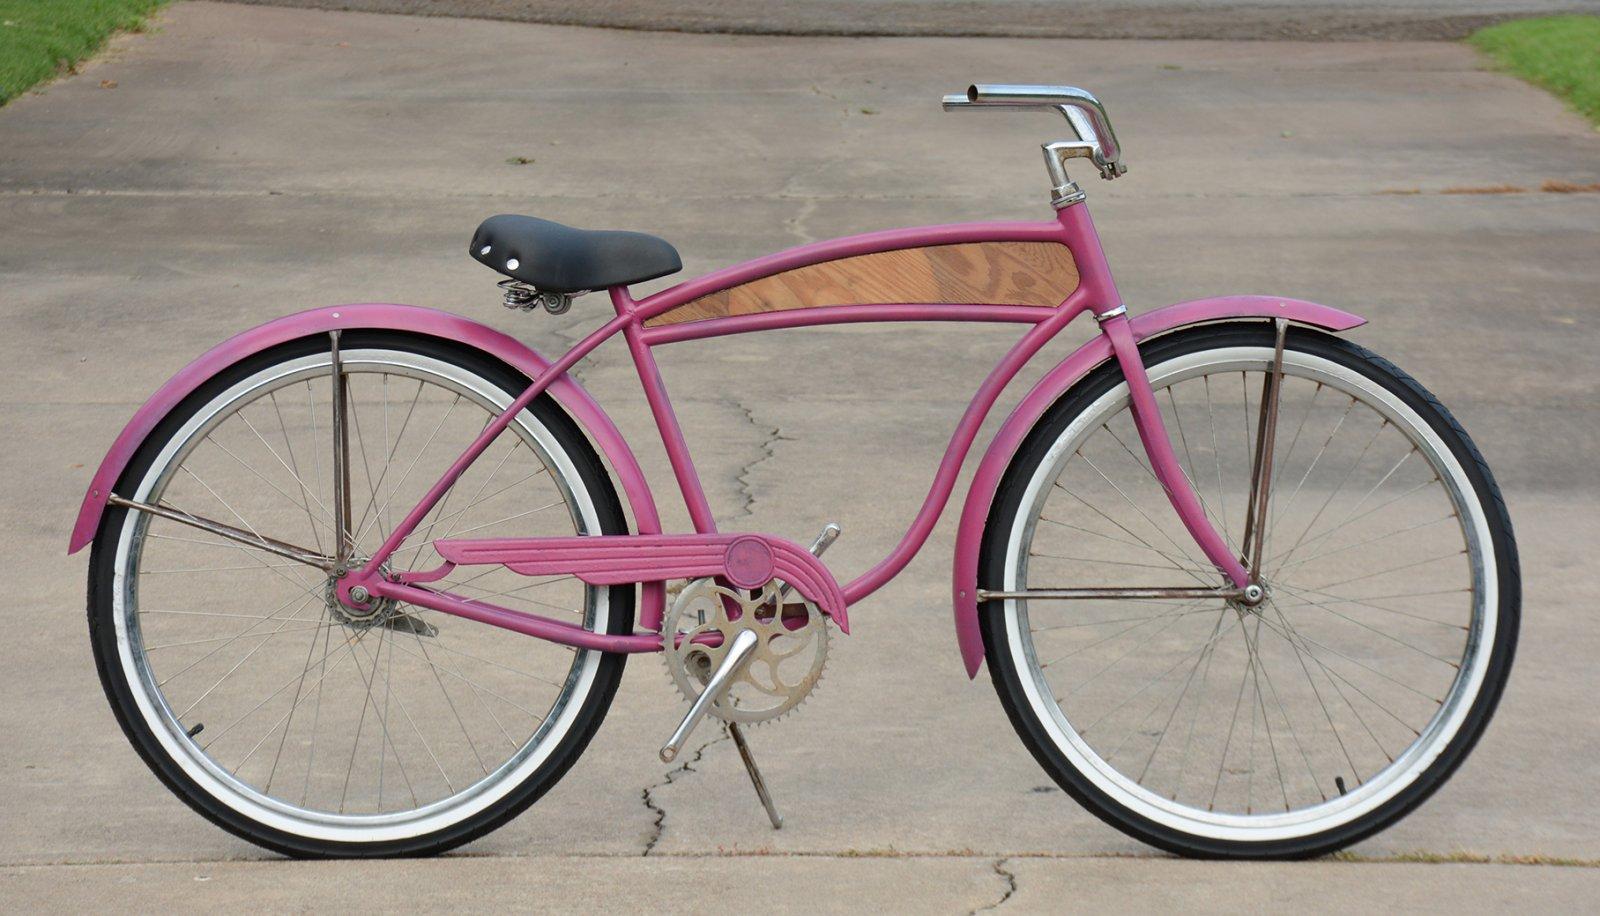 bftd_schwinn_dixie_rrbbo_chrome_wheels_1-jpg.jpg